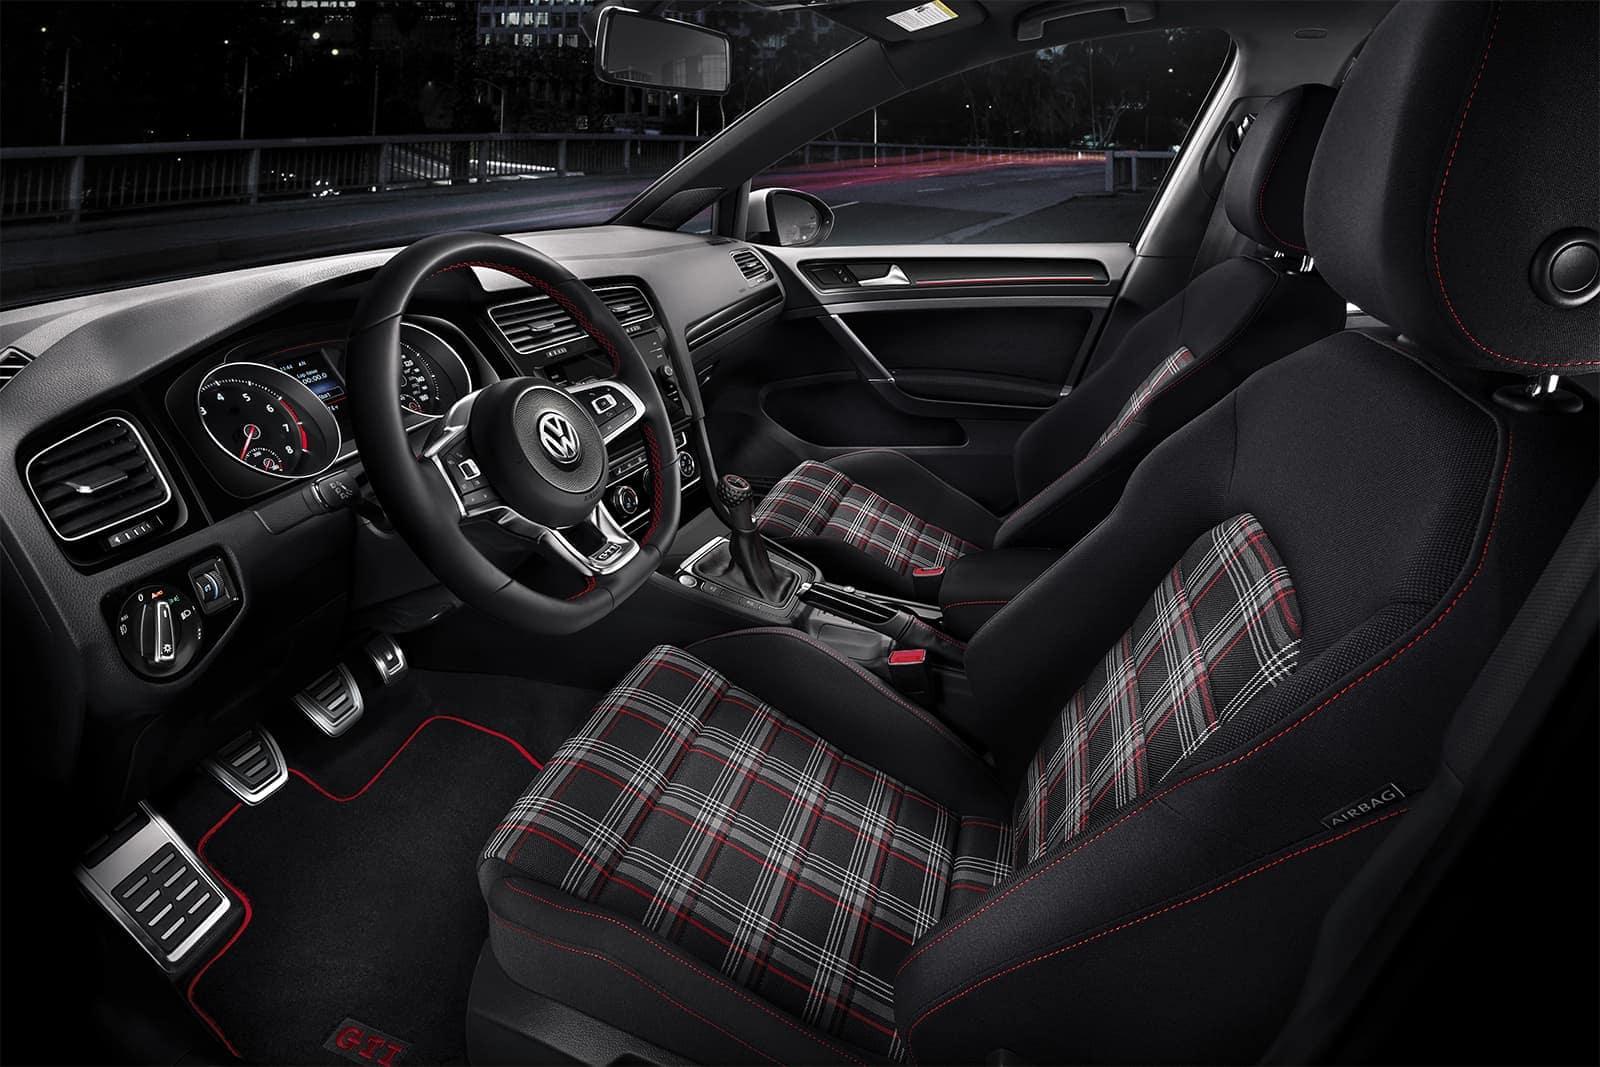 2018 Volkswagen Golf front interior